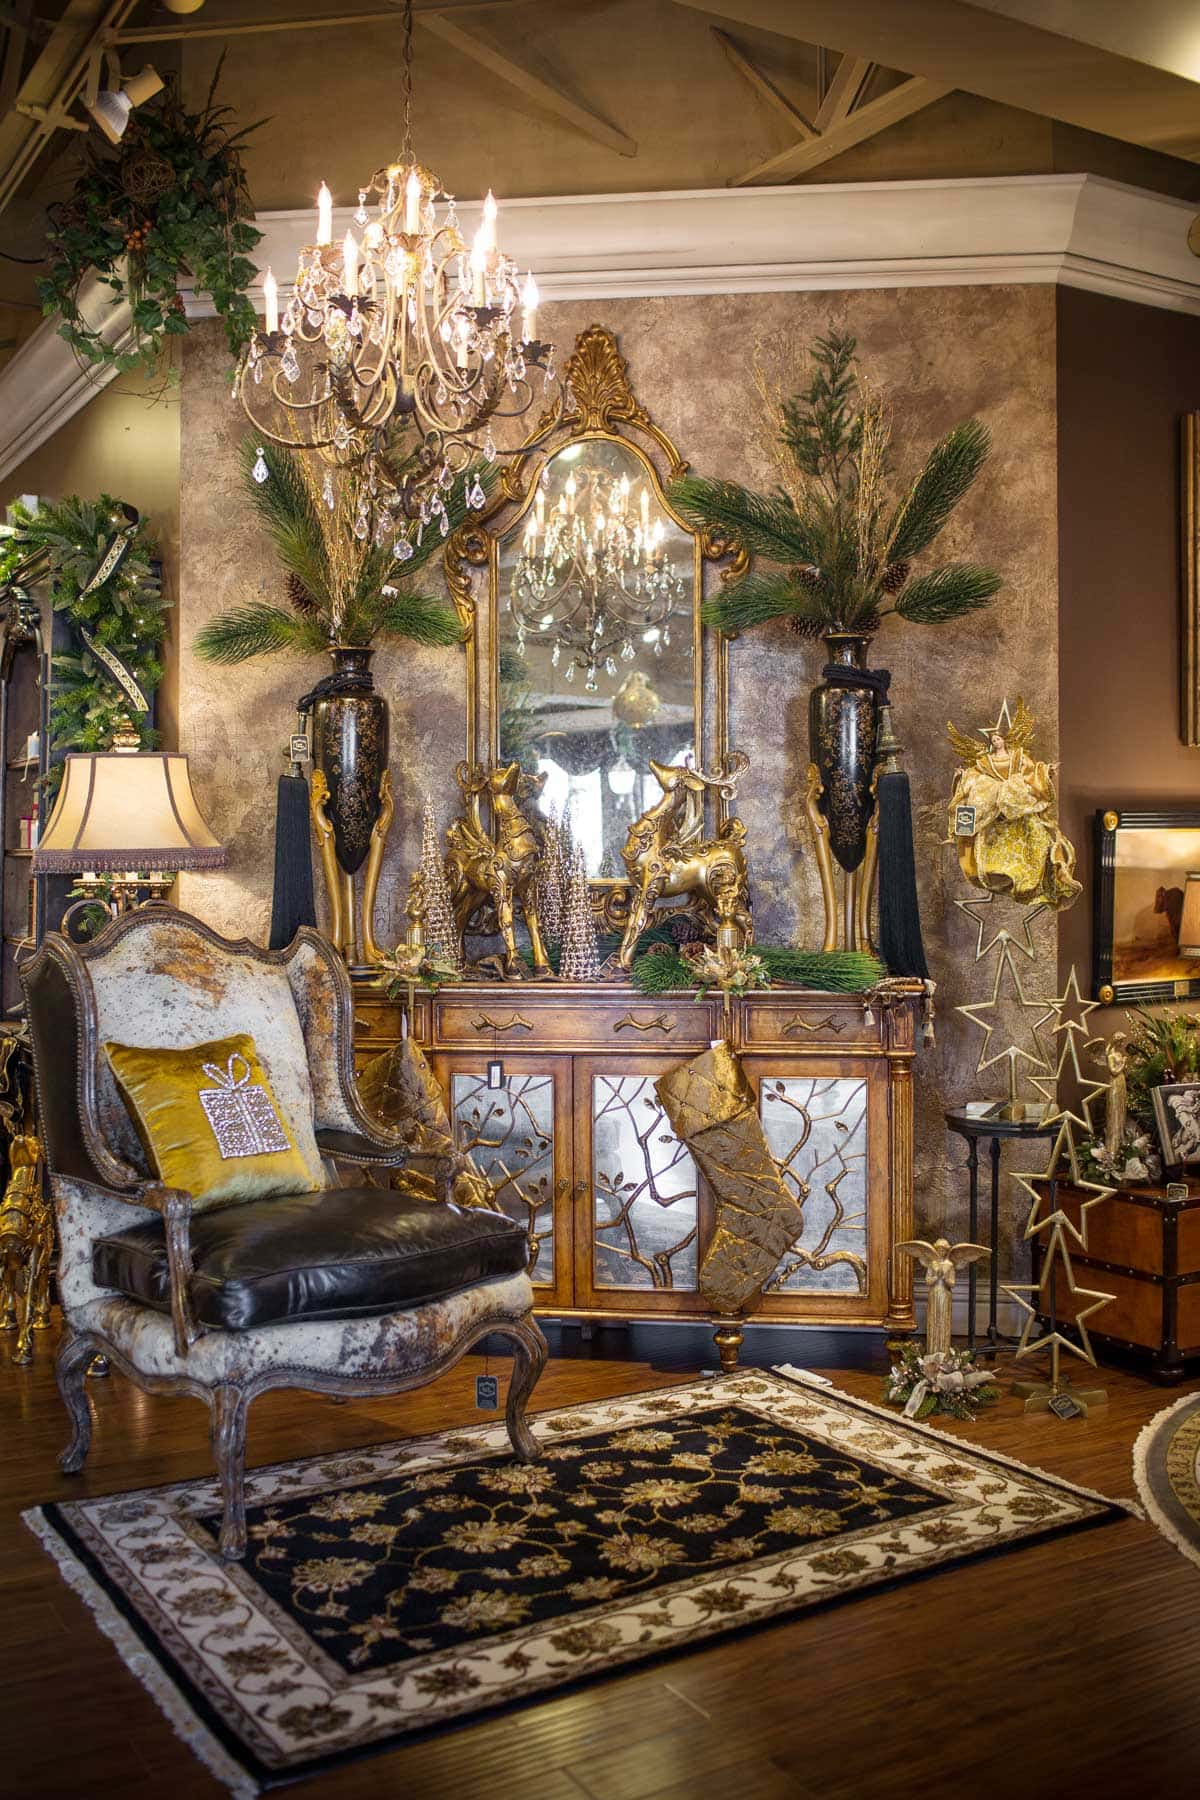 Luxury Holiday Decor My Web Value